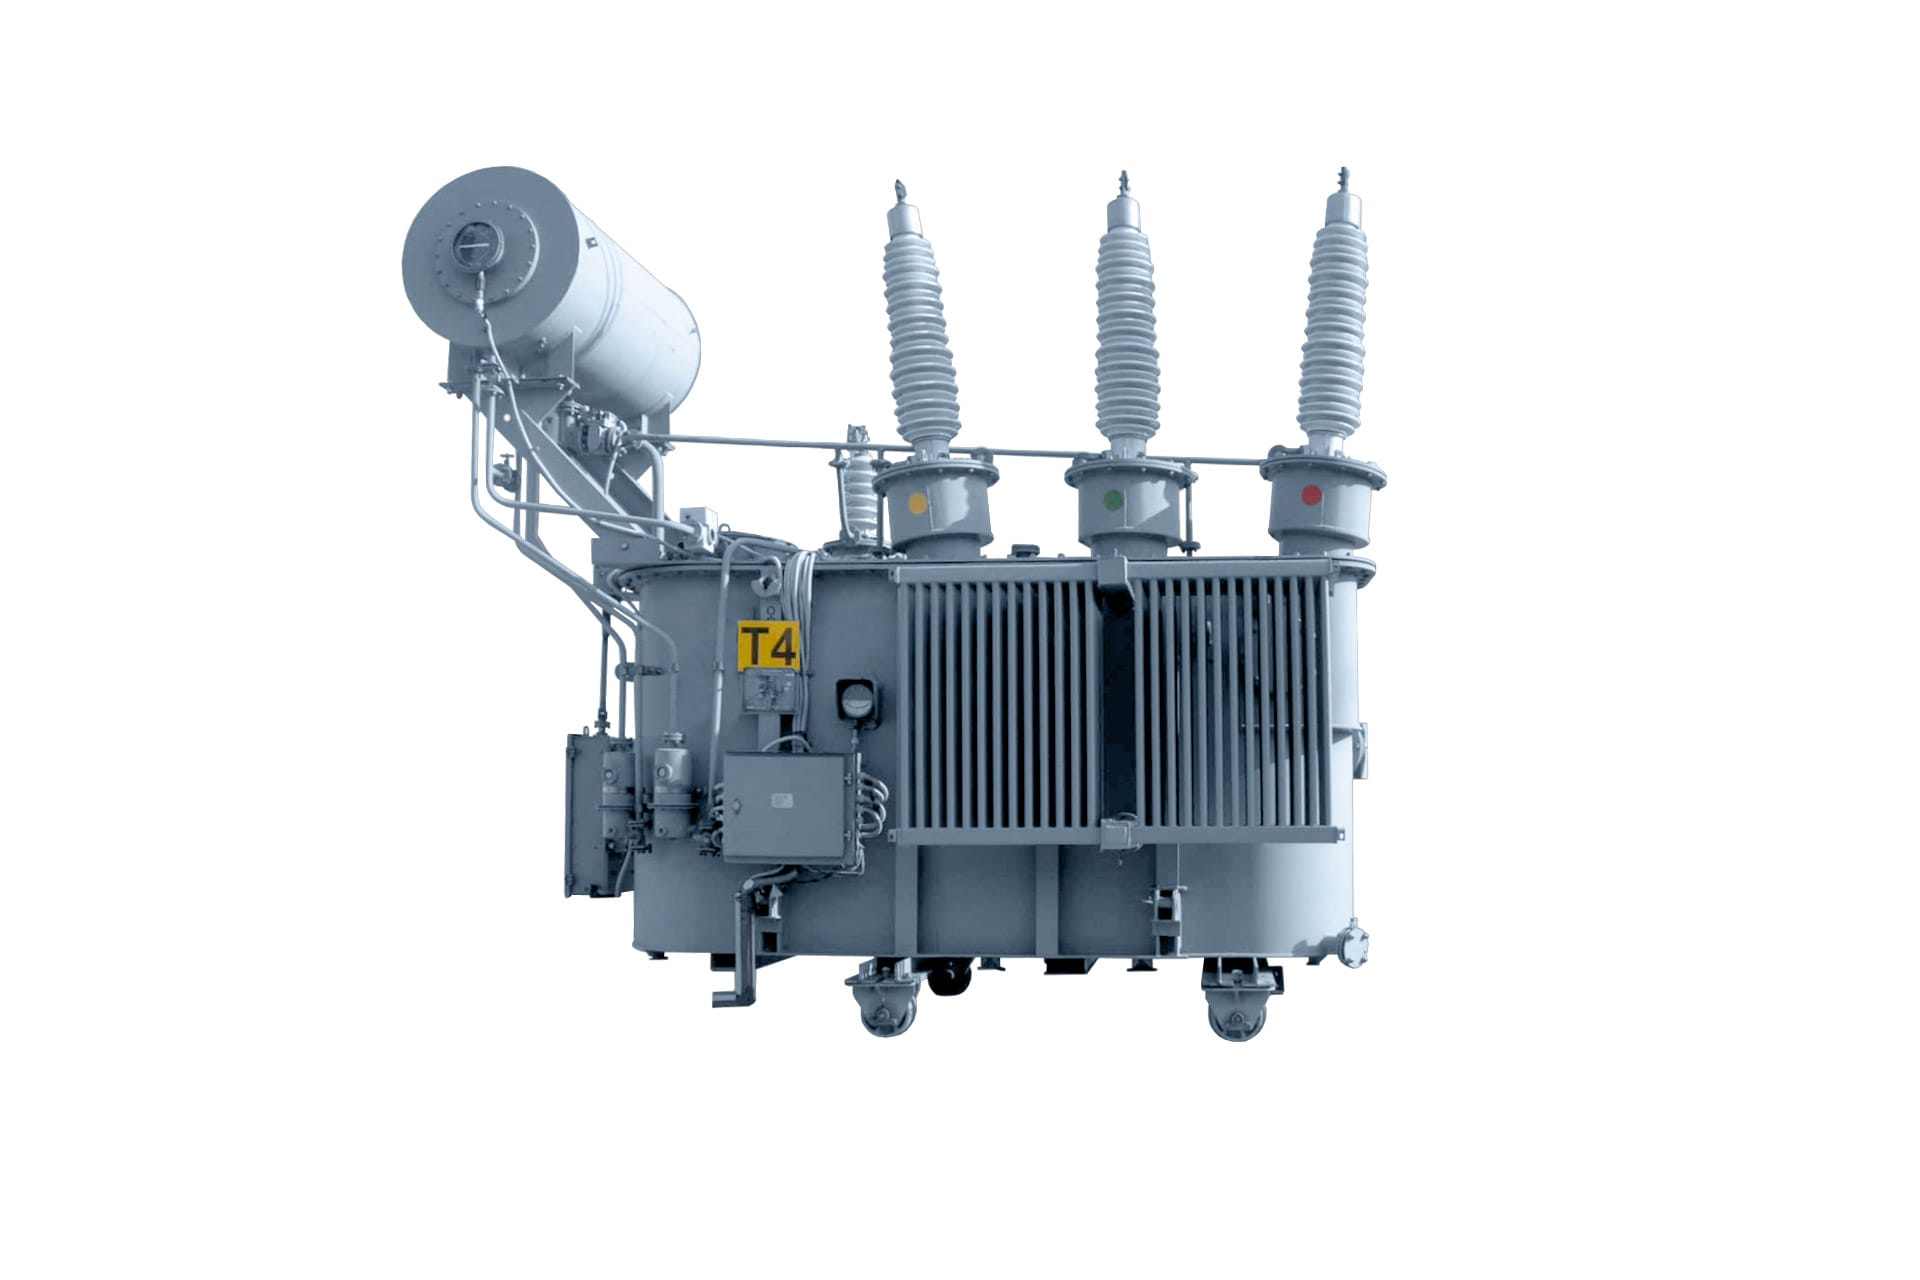 Ensons - Общий вид масляного трансформатора ТМНТ, ТДТН 110 кВ